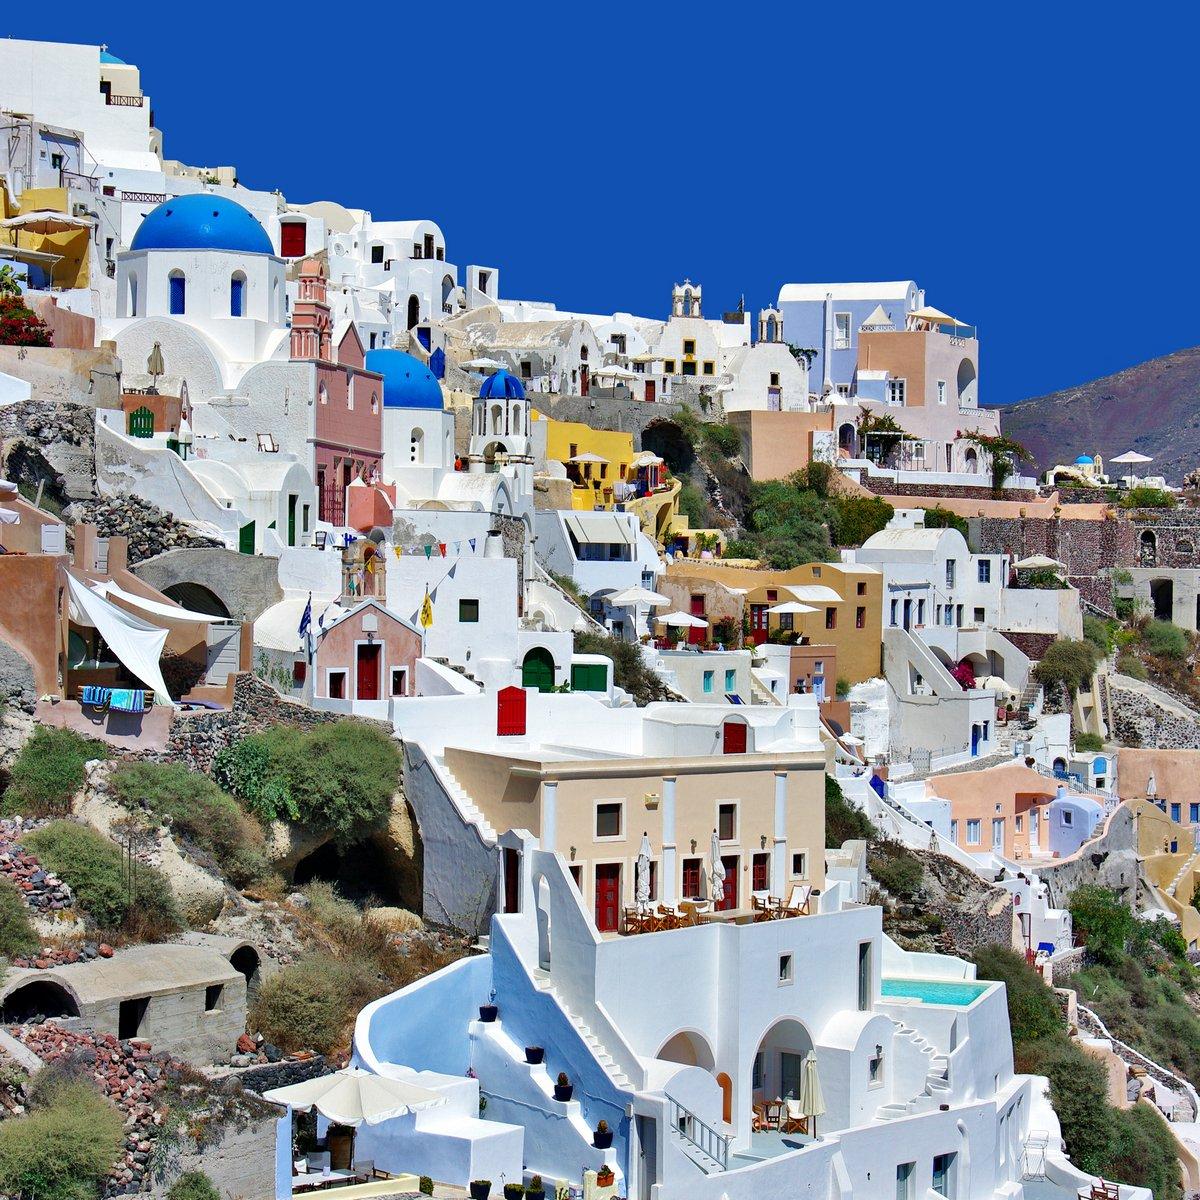 Постер Санторини Цветов Греция - красивая СанториниСанторини<br>Постер на холсте или бумаге. Любого нужного вам размера. В раме или без. Подвес в комплекте. Трехслойная надежная упаковка. Доставим в любую точку России. Вам осталось только повесить картину на стену!<br>